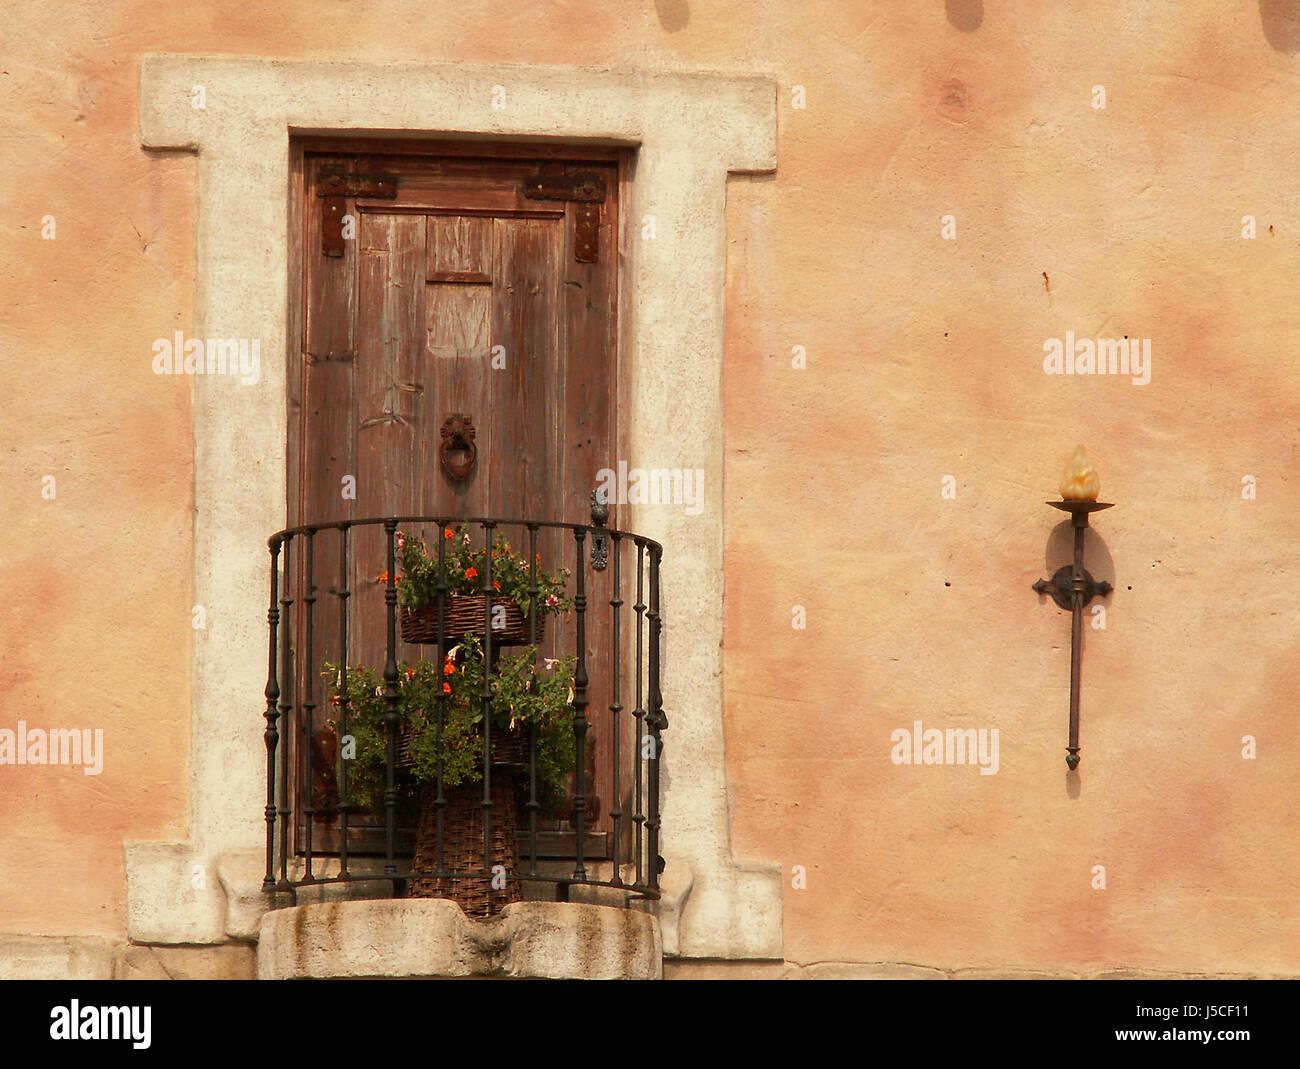 door grating photos & door grating images - alamy